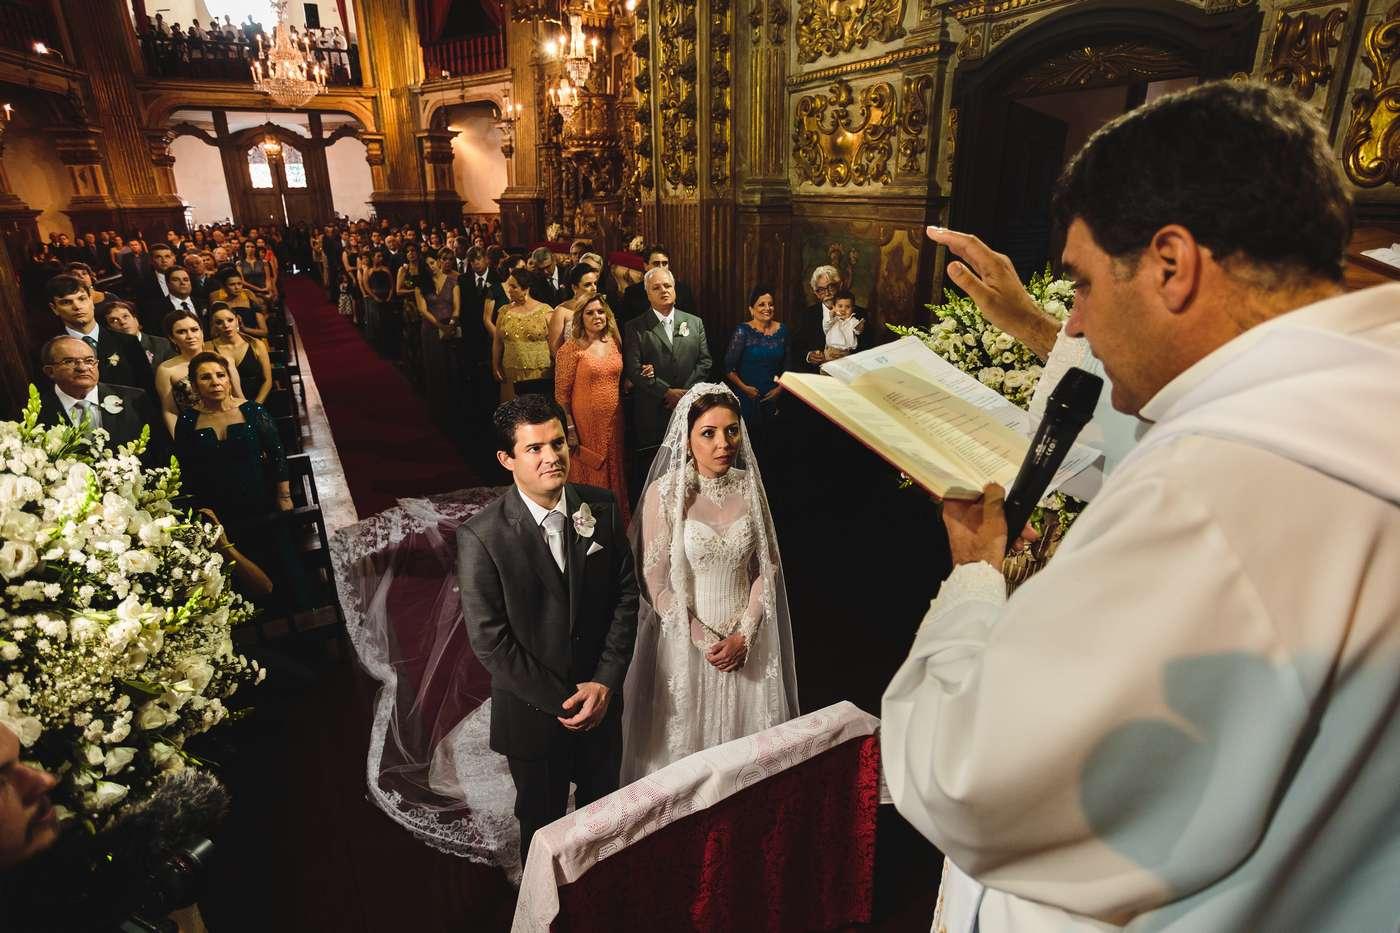 Casamento Clássico Em Ouro Preto / Igreja do Pilar